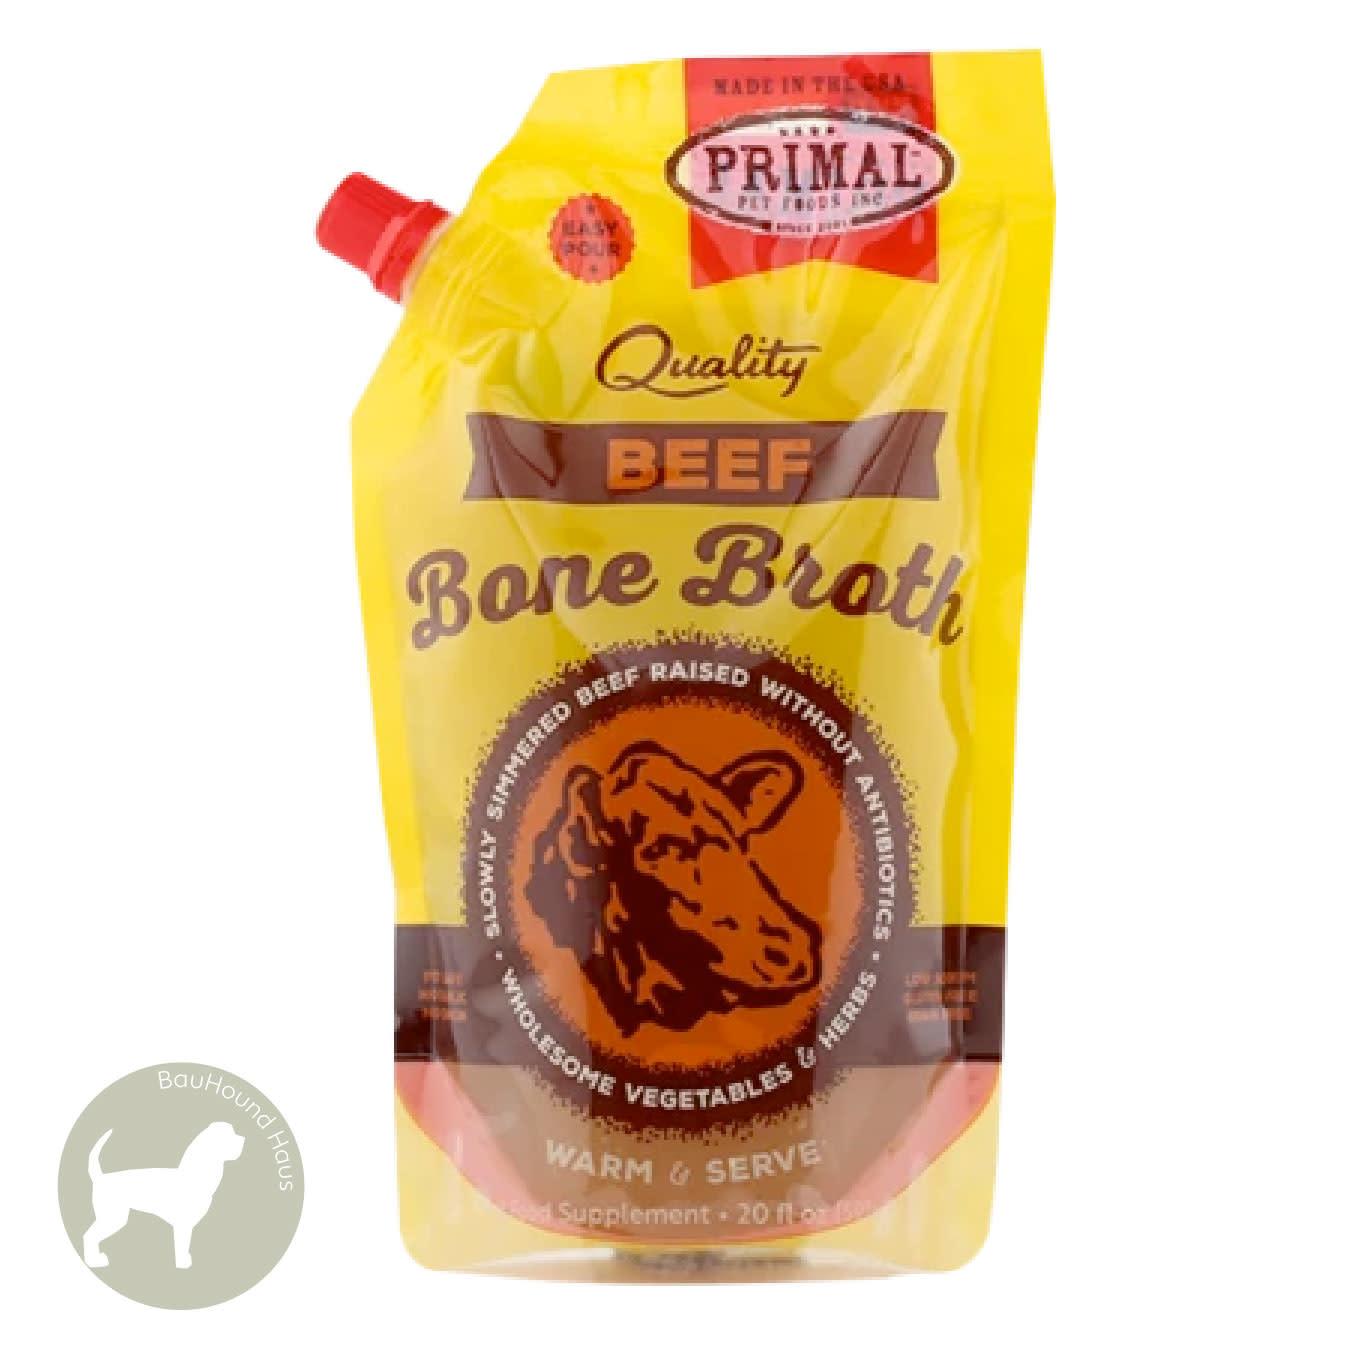 Primal Pet Foods Primal Bone Broth Beef, 591ml